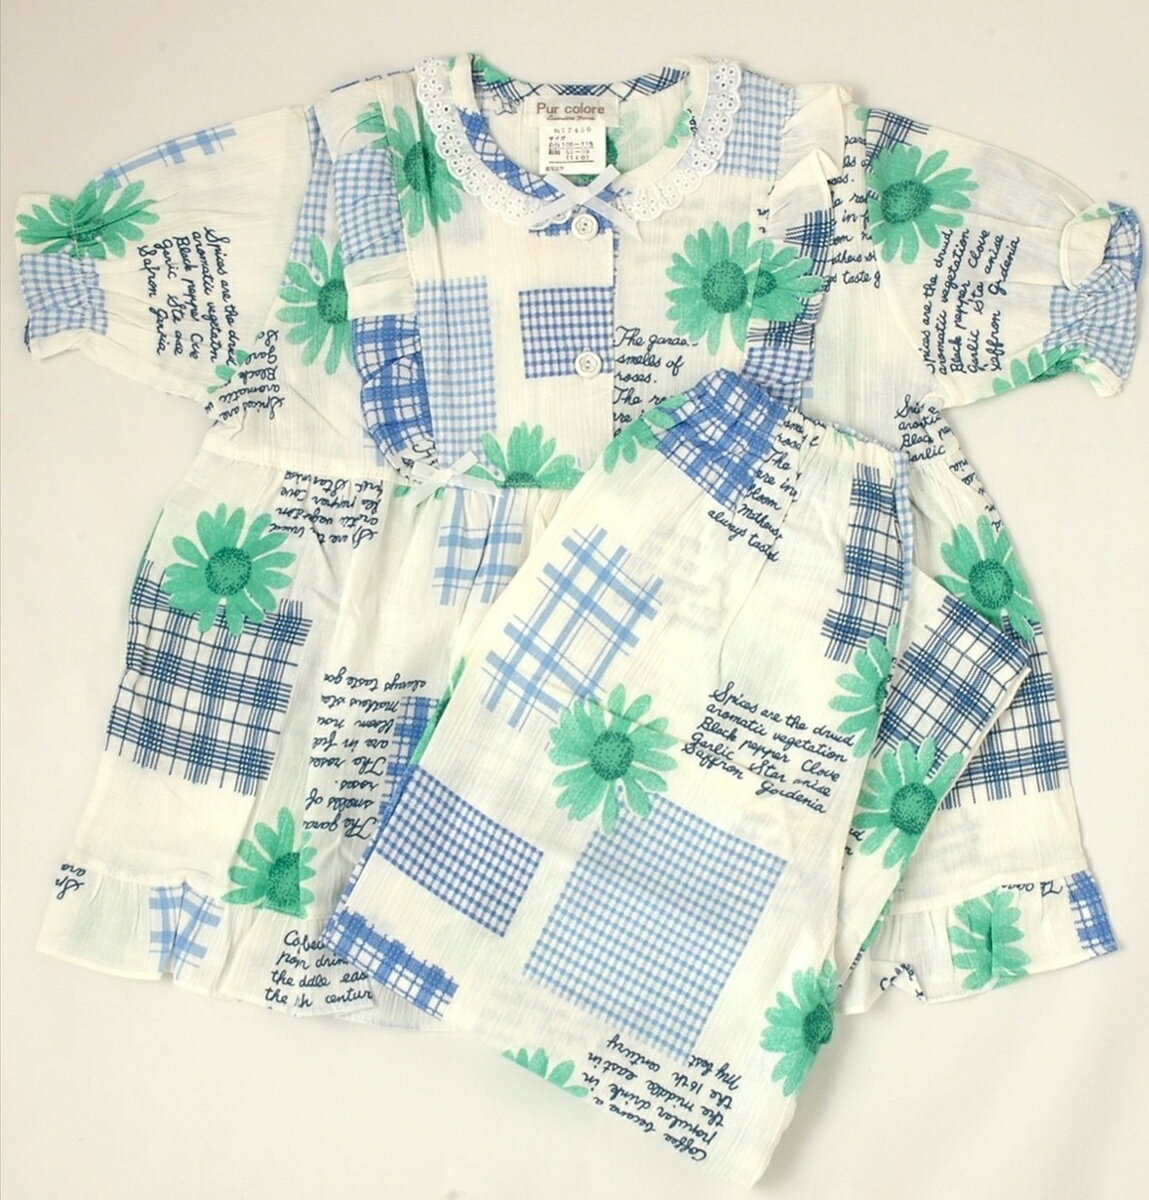 子どもパジャマ レディースパジャマ 日本製 半袖【夏物】綿100% 女児クレープひまわり柄プリントパジャマ キッズ 婦人 100cm〜130cm M・Lサイズ